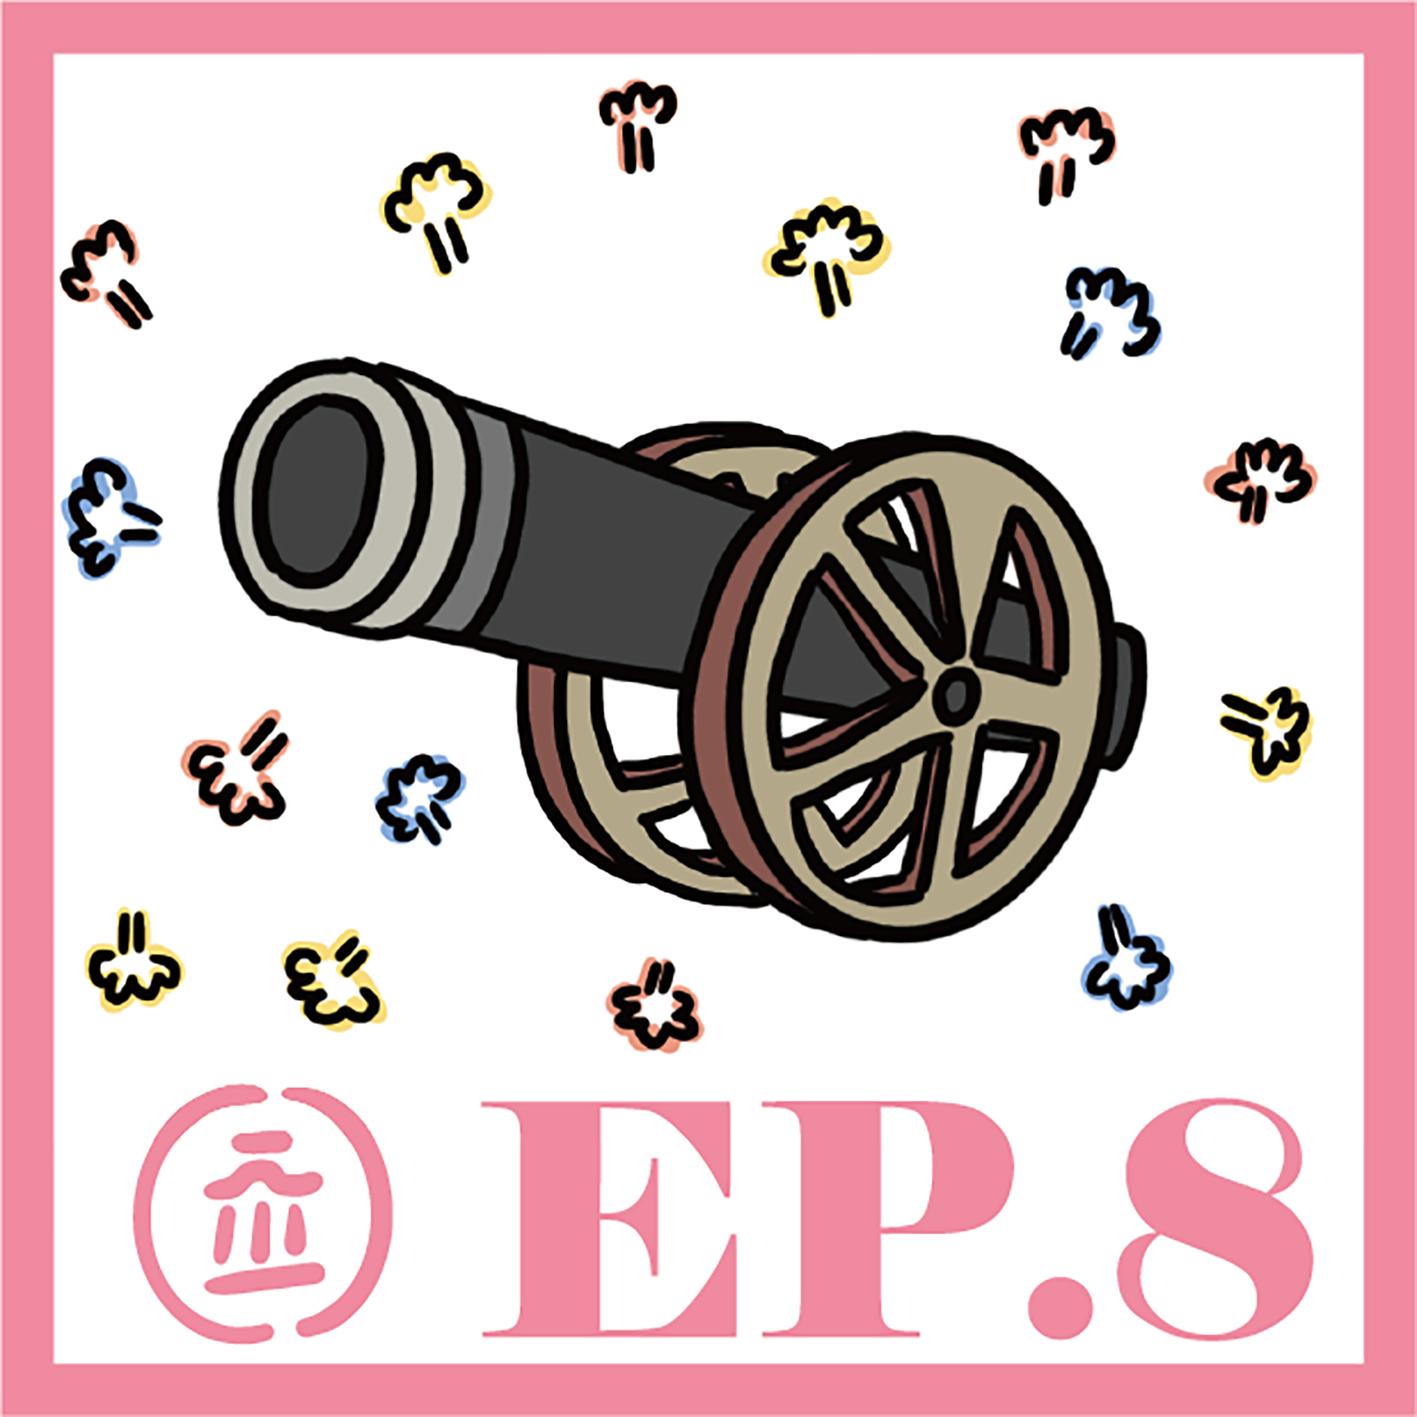 【不上不下】EP.8|砲聲隆隆!性愛分離與純友誼|令人衝擊的愛情觀大調查